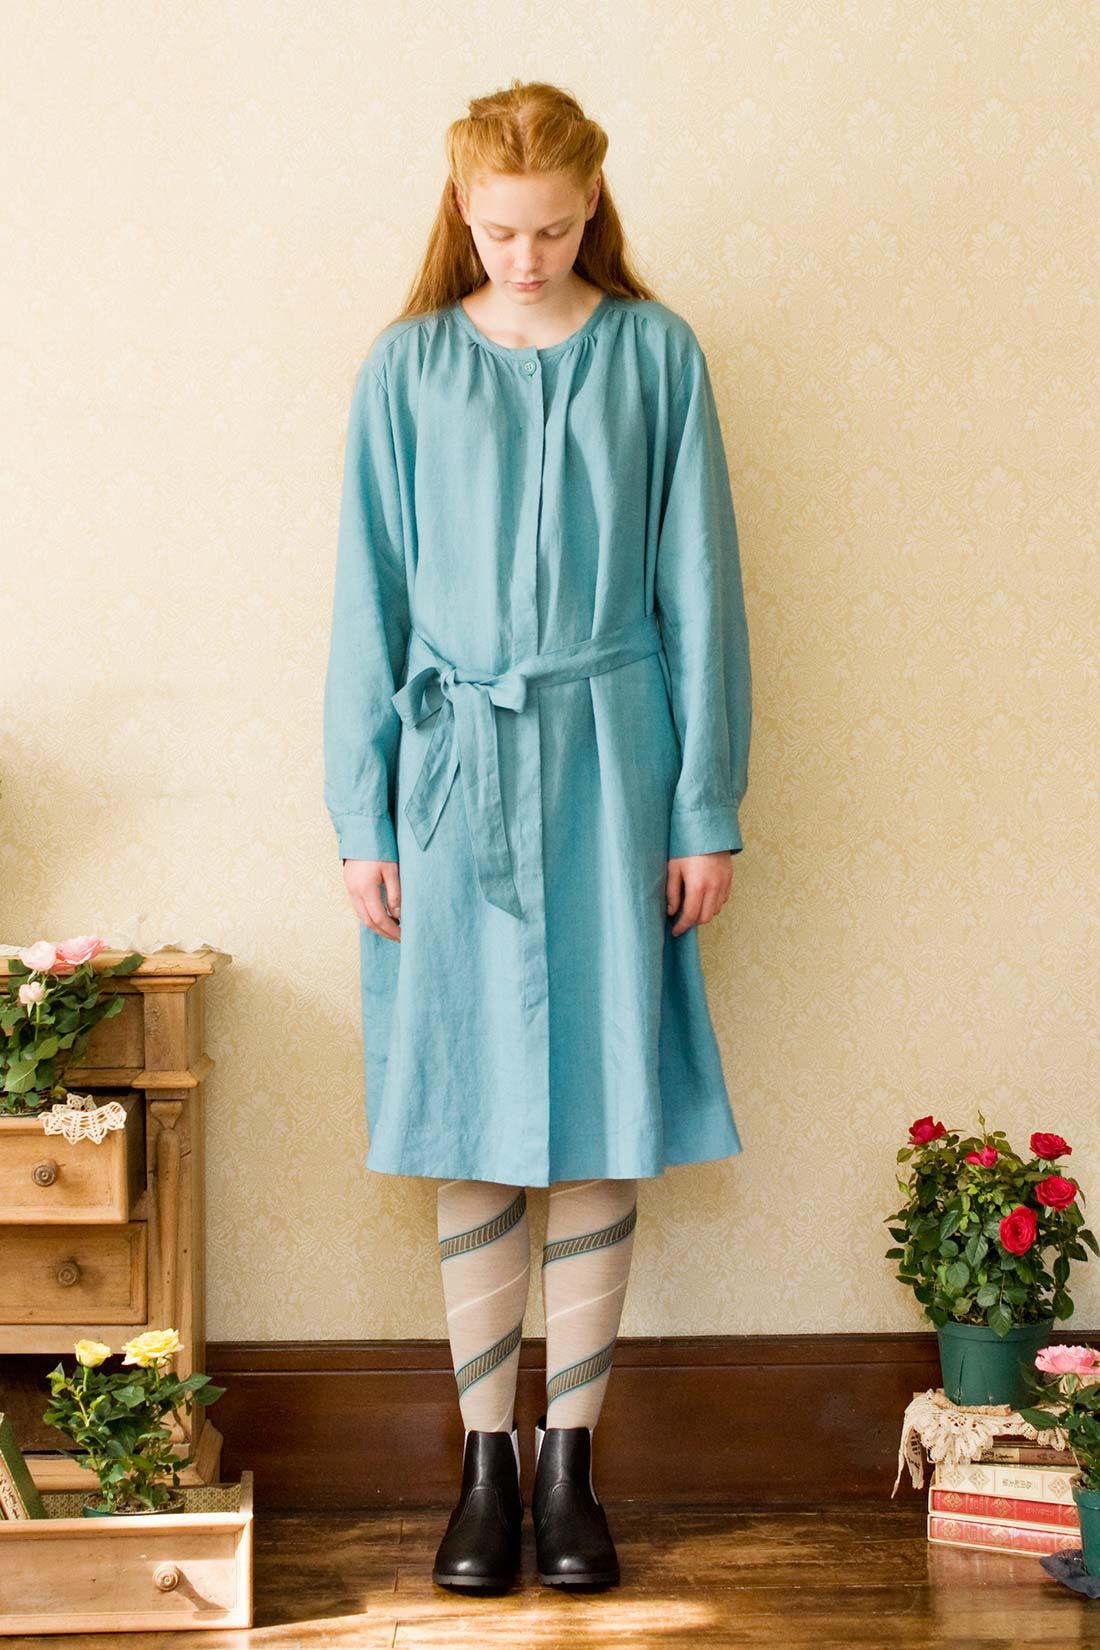 ※着用イメージです。お届けするカラーとは異なります。